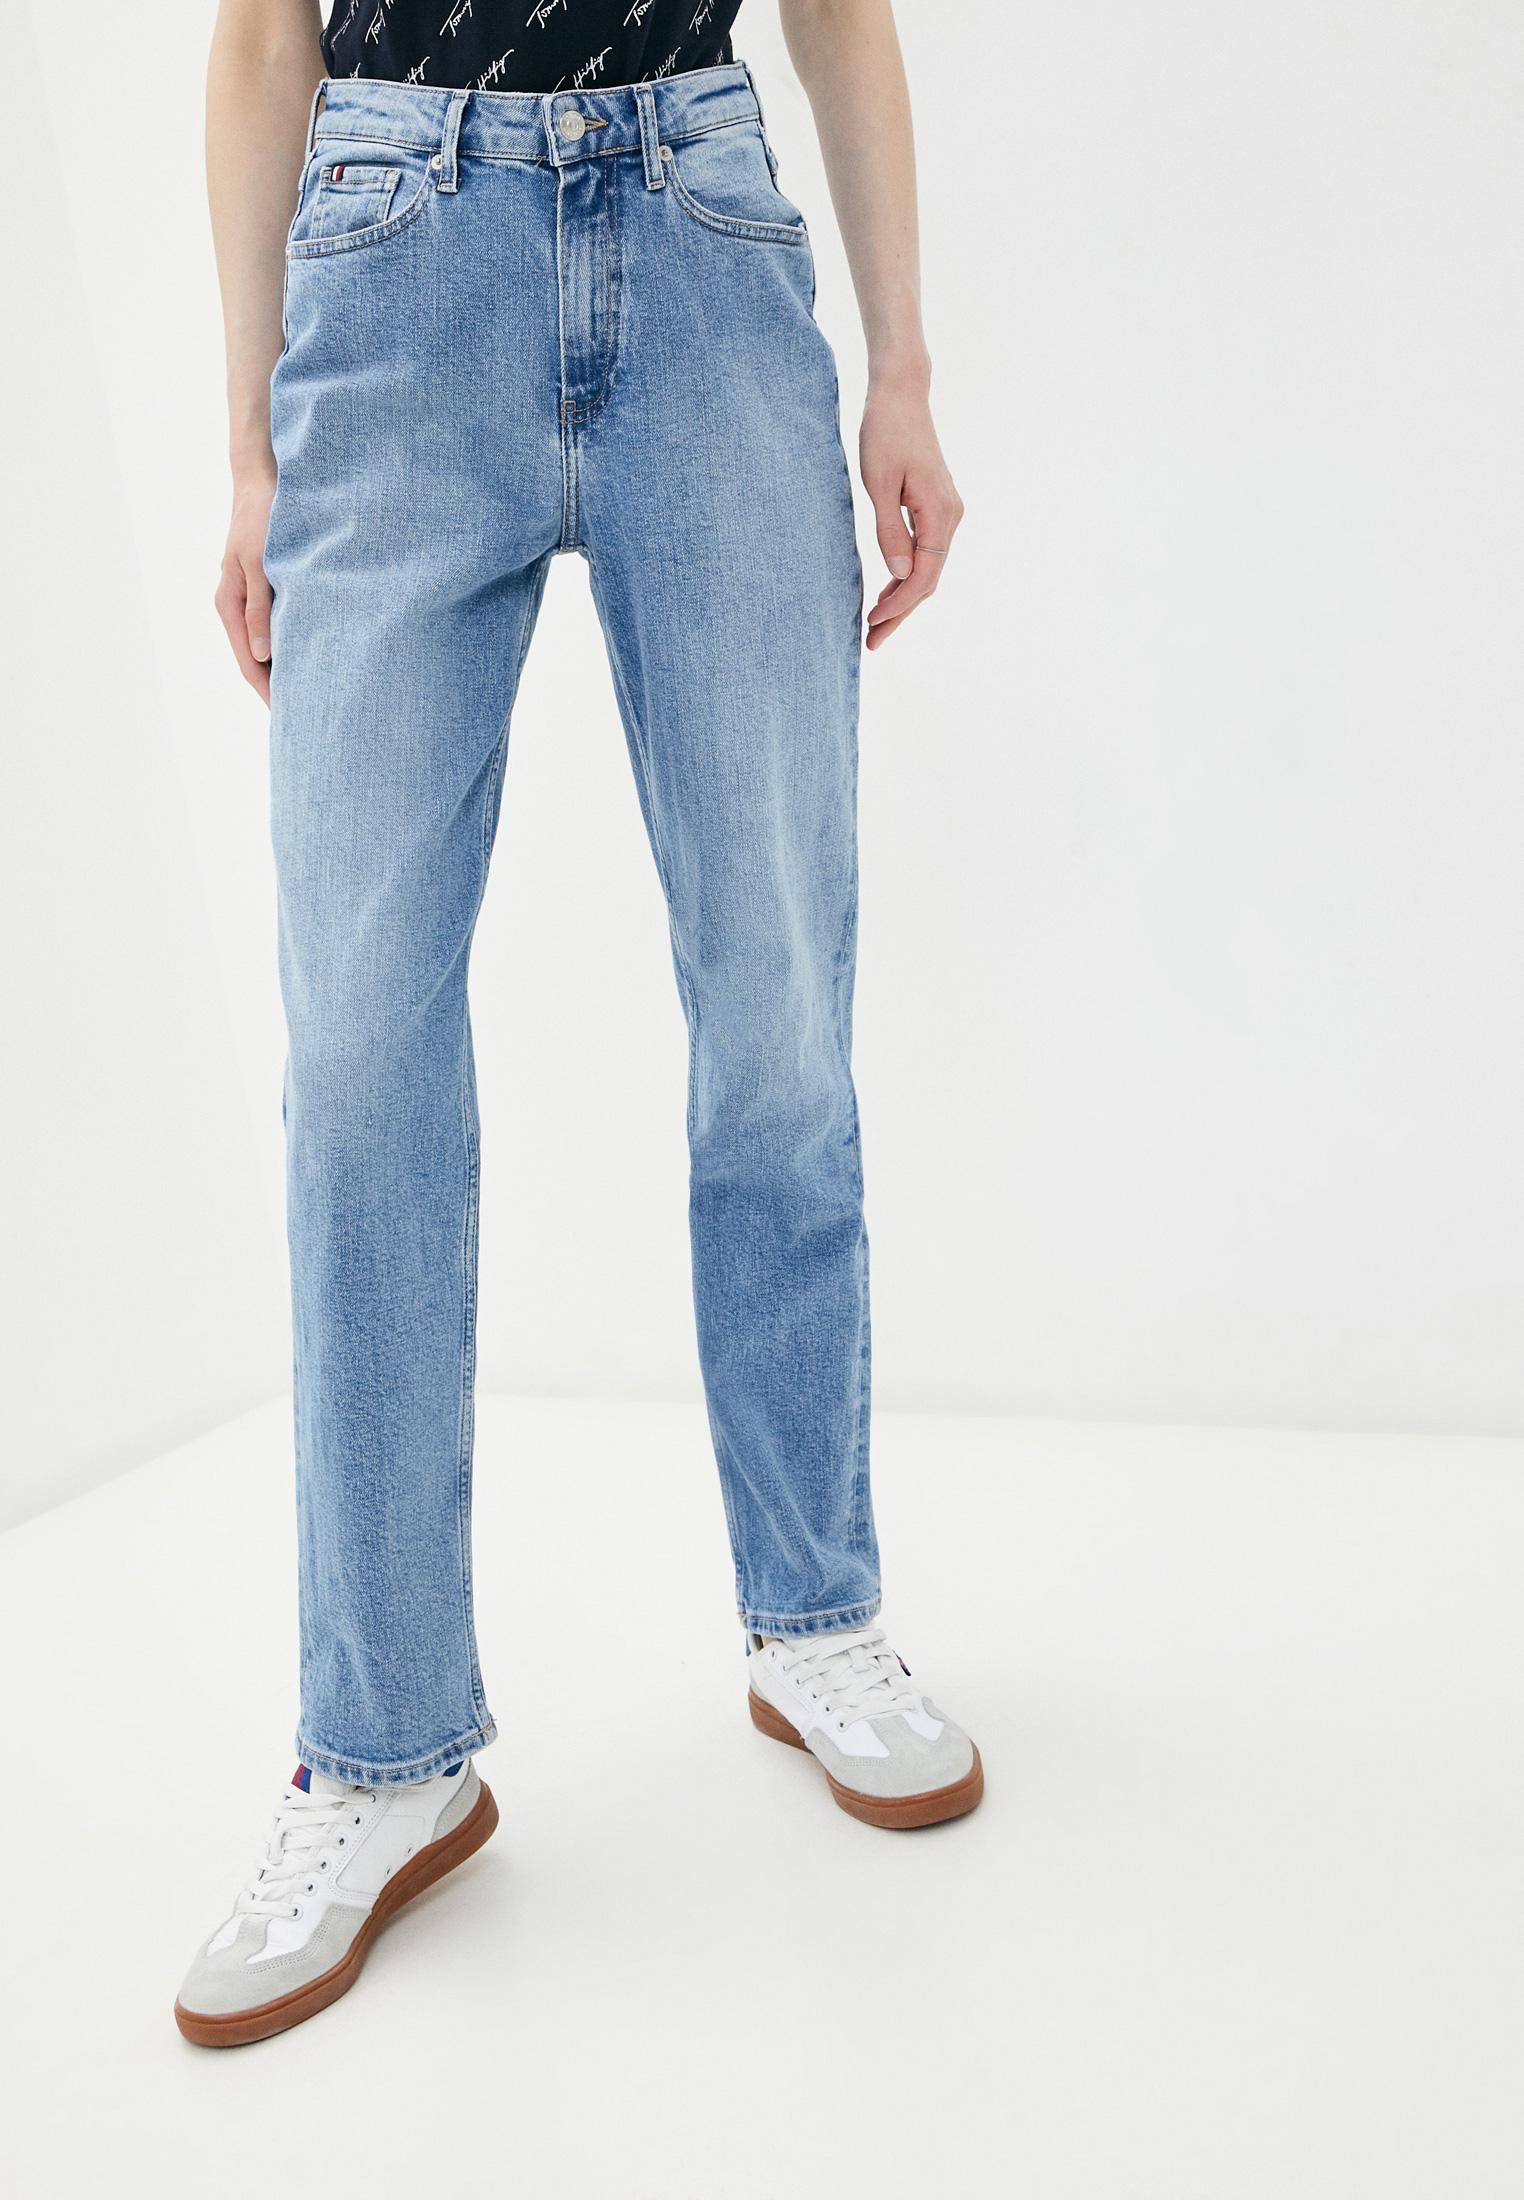 Прямые джинсы Tommy Hilfiger (Томми Хилфигер) WW0WW30221